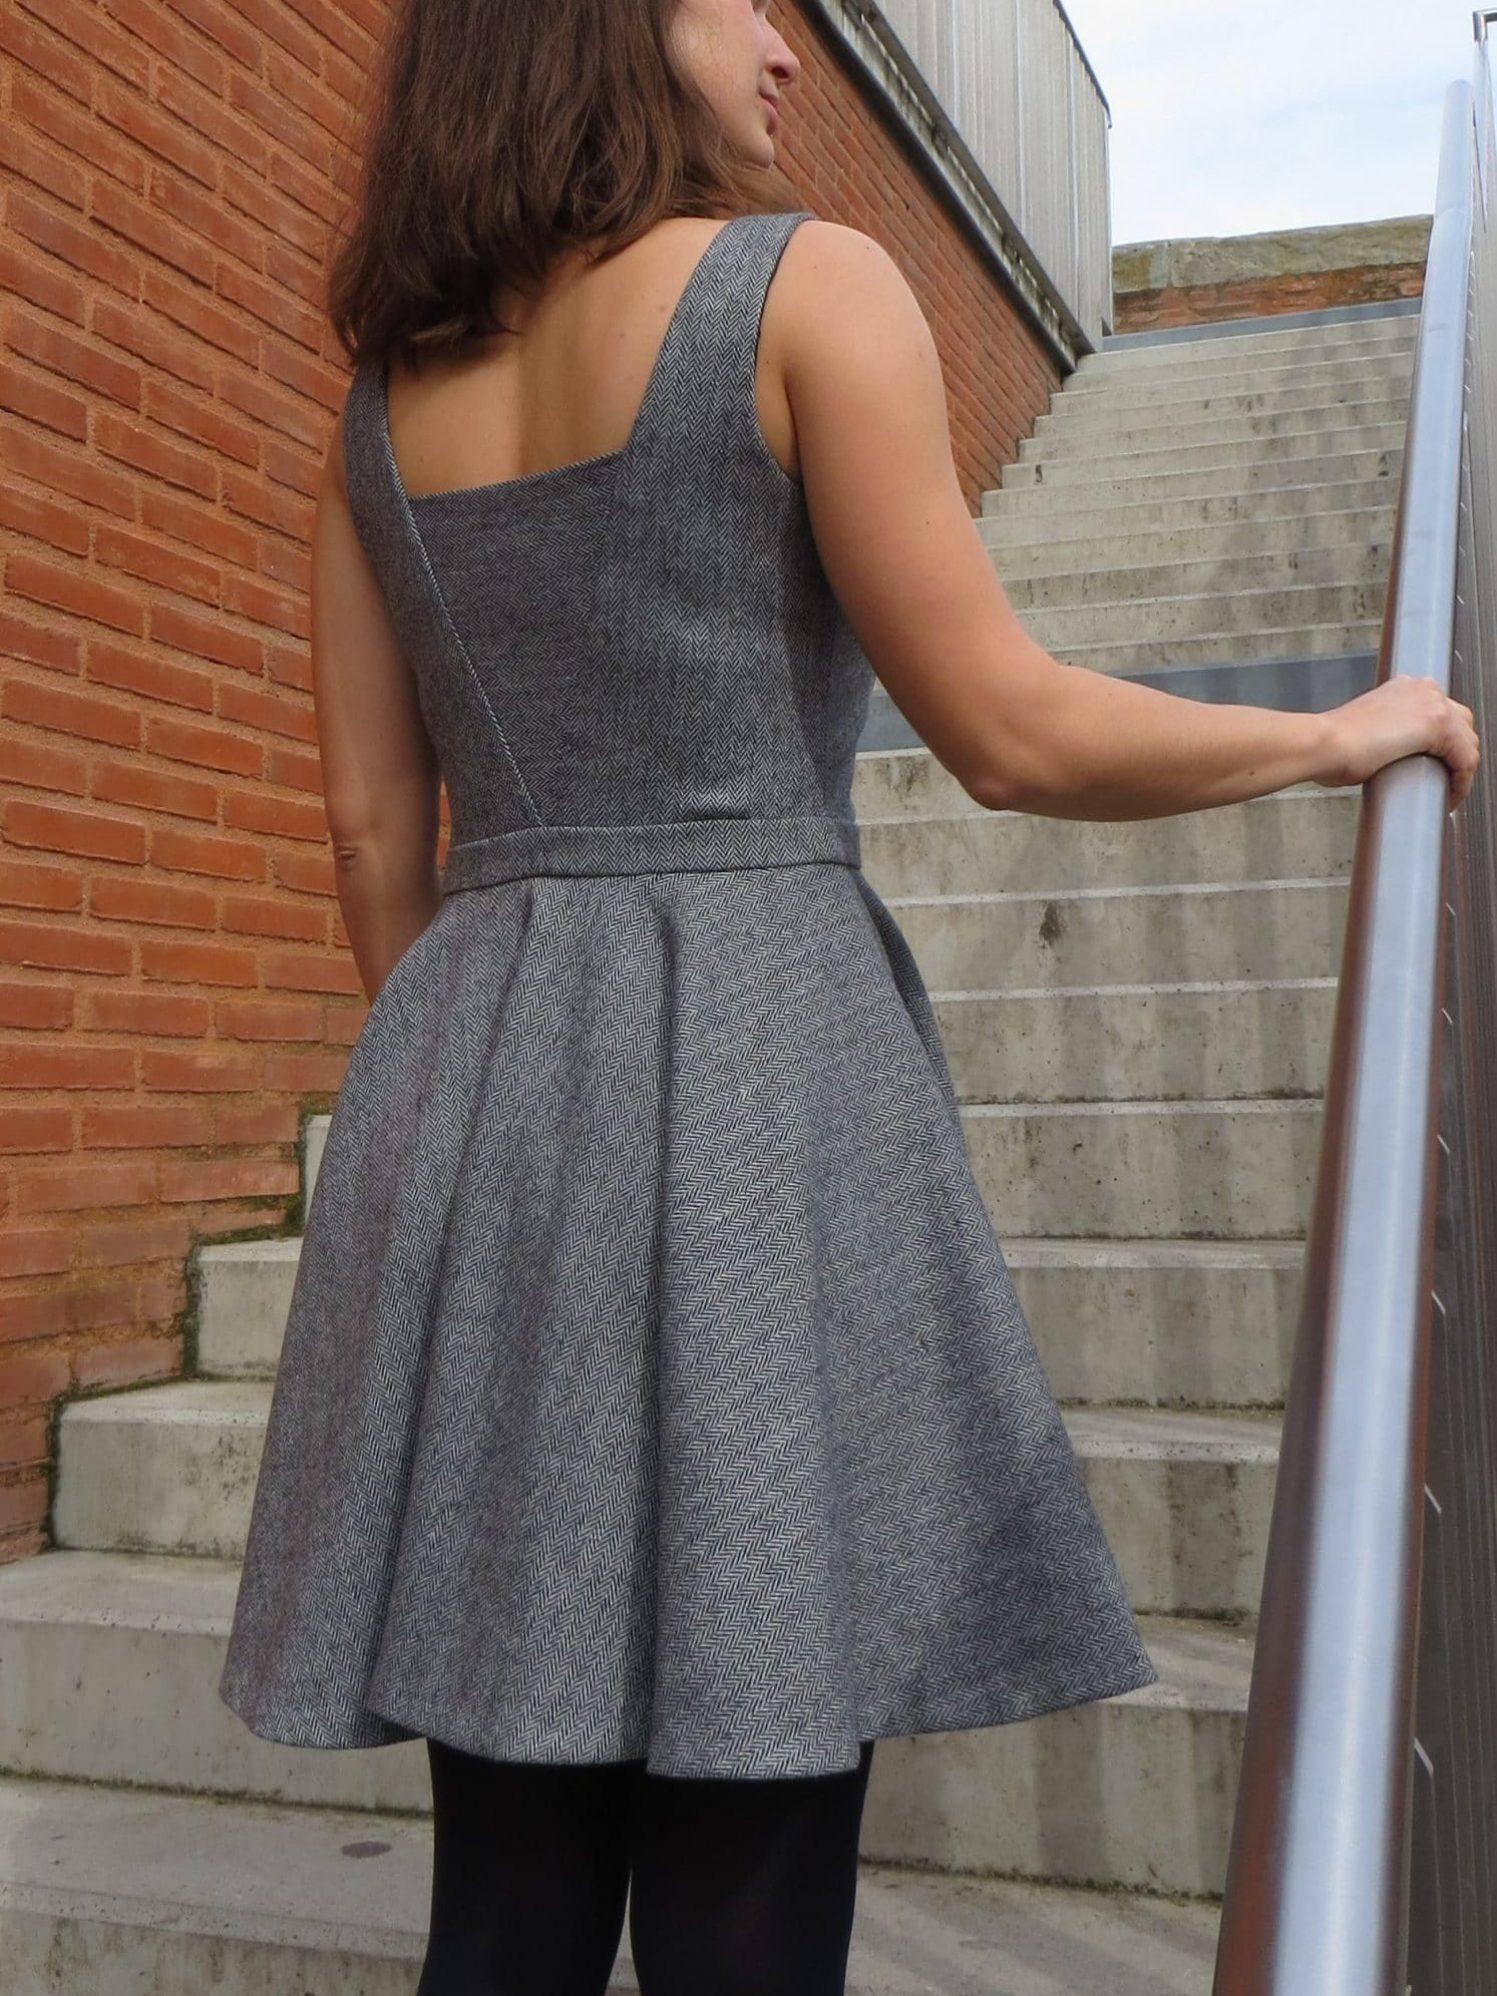 Le robe qui fait tourner la tête - vu de dos